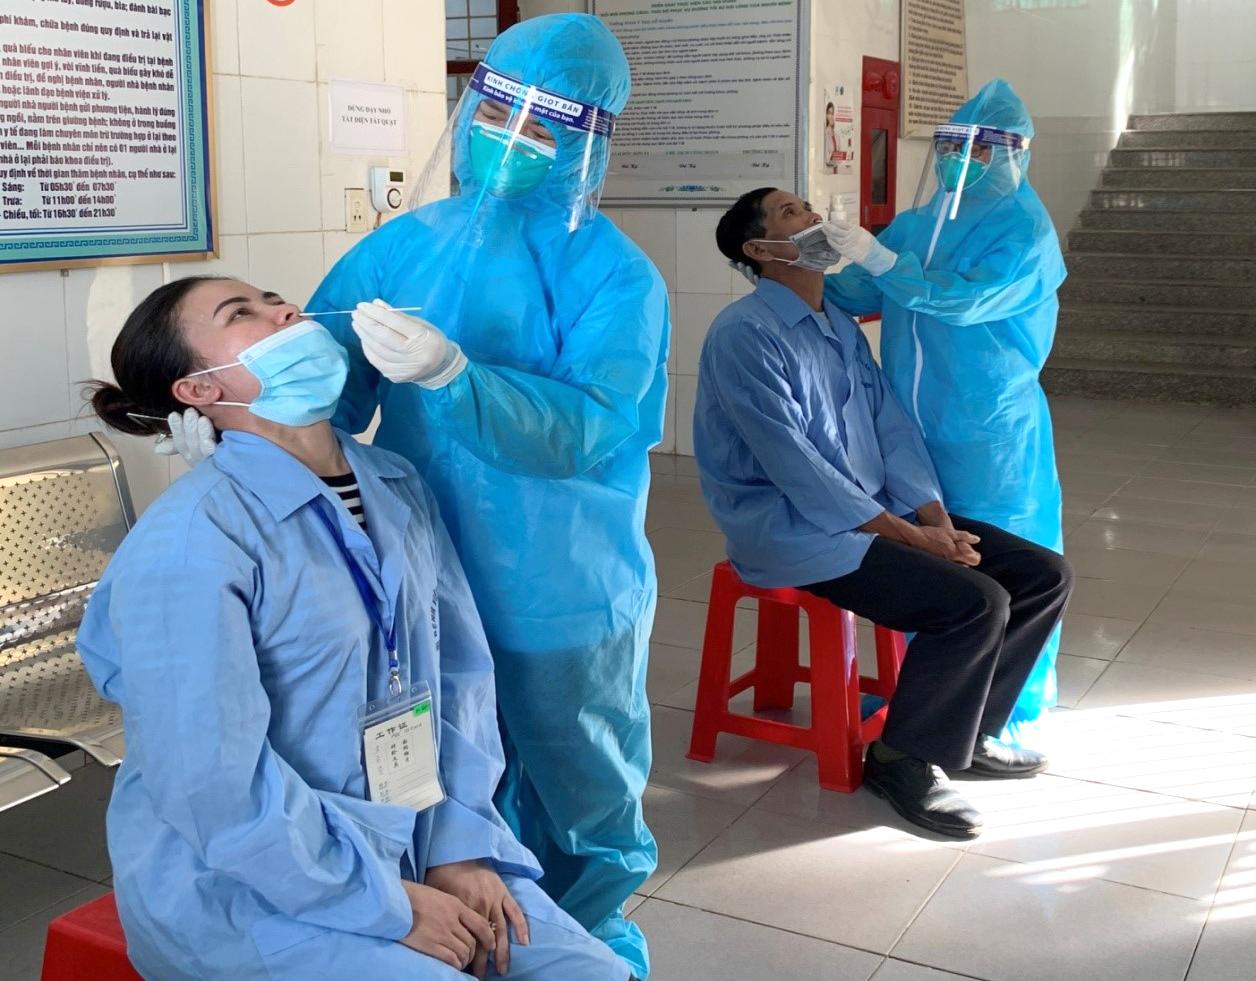 Bệnh nhân và người nhà điều trị ở Bệnh viện Tâm thần Nghệ An được lấy mẫu xét nghiệm COVID-19